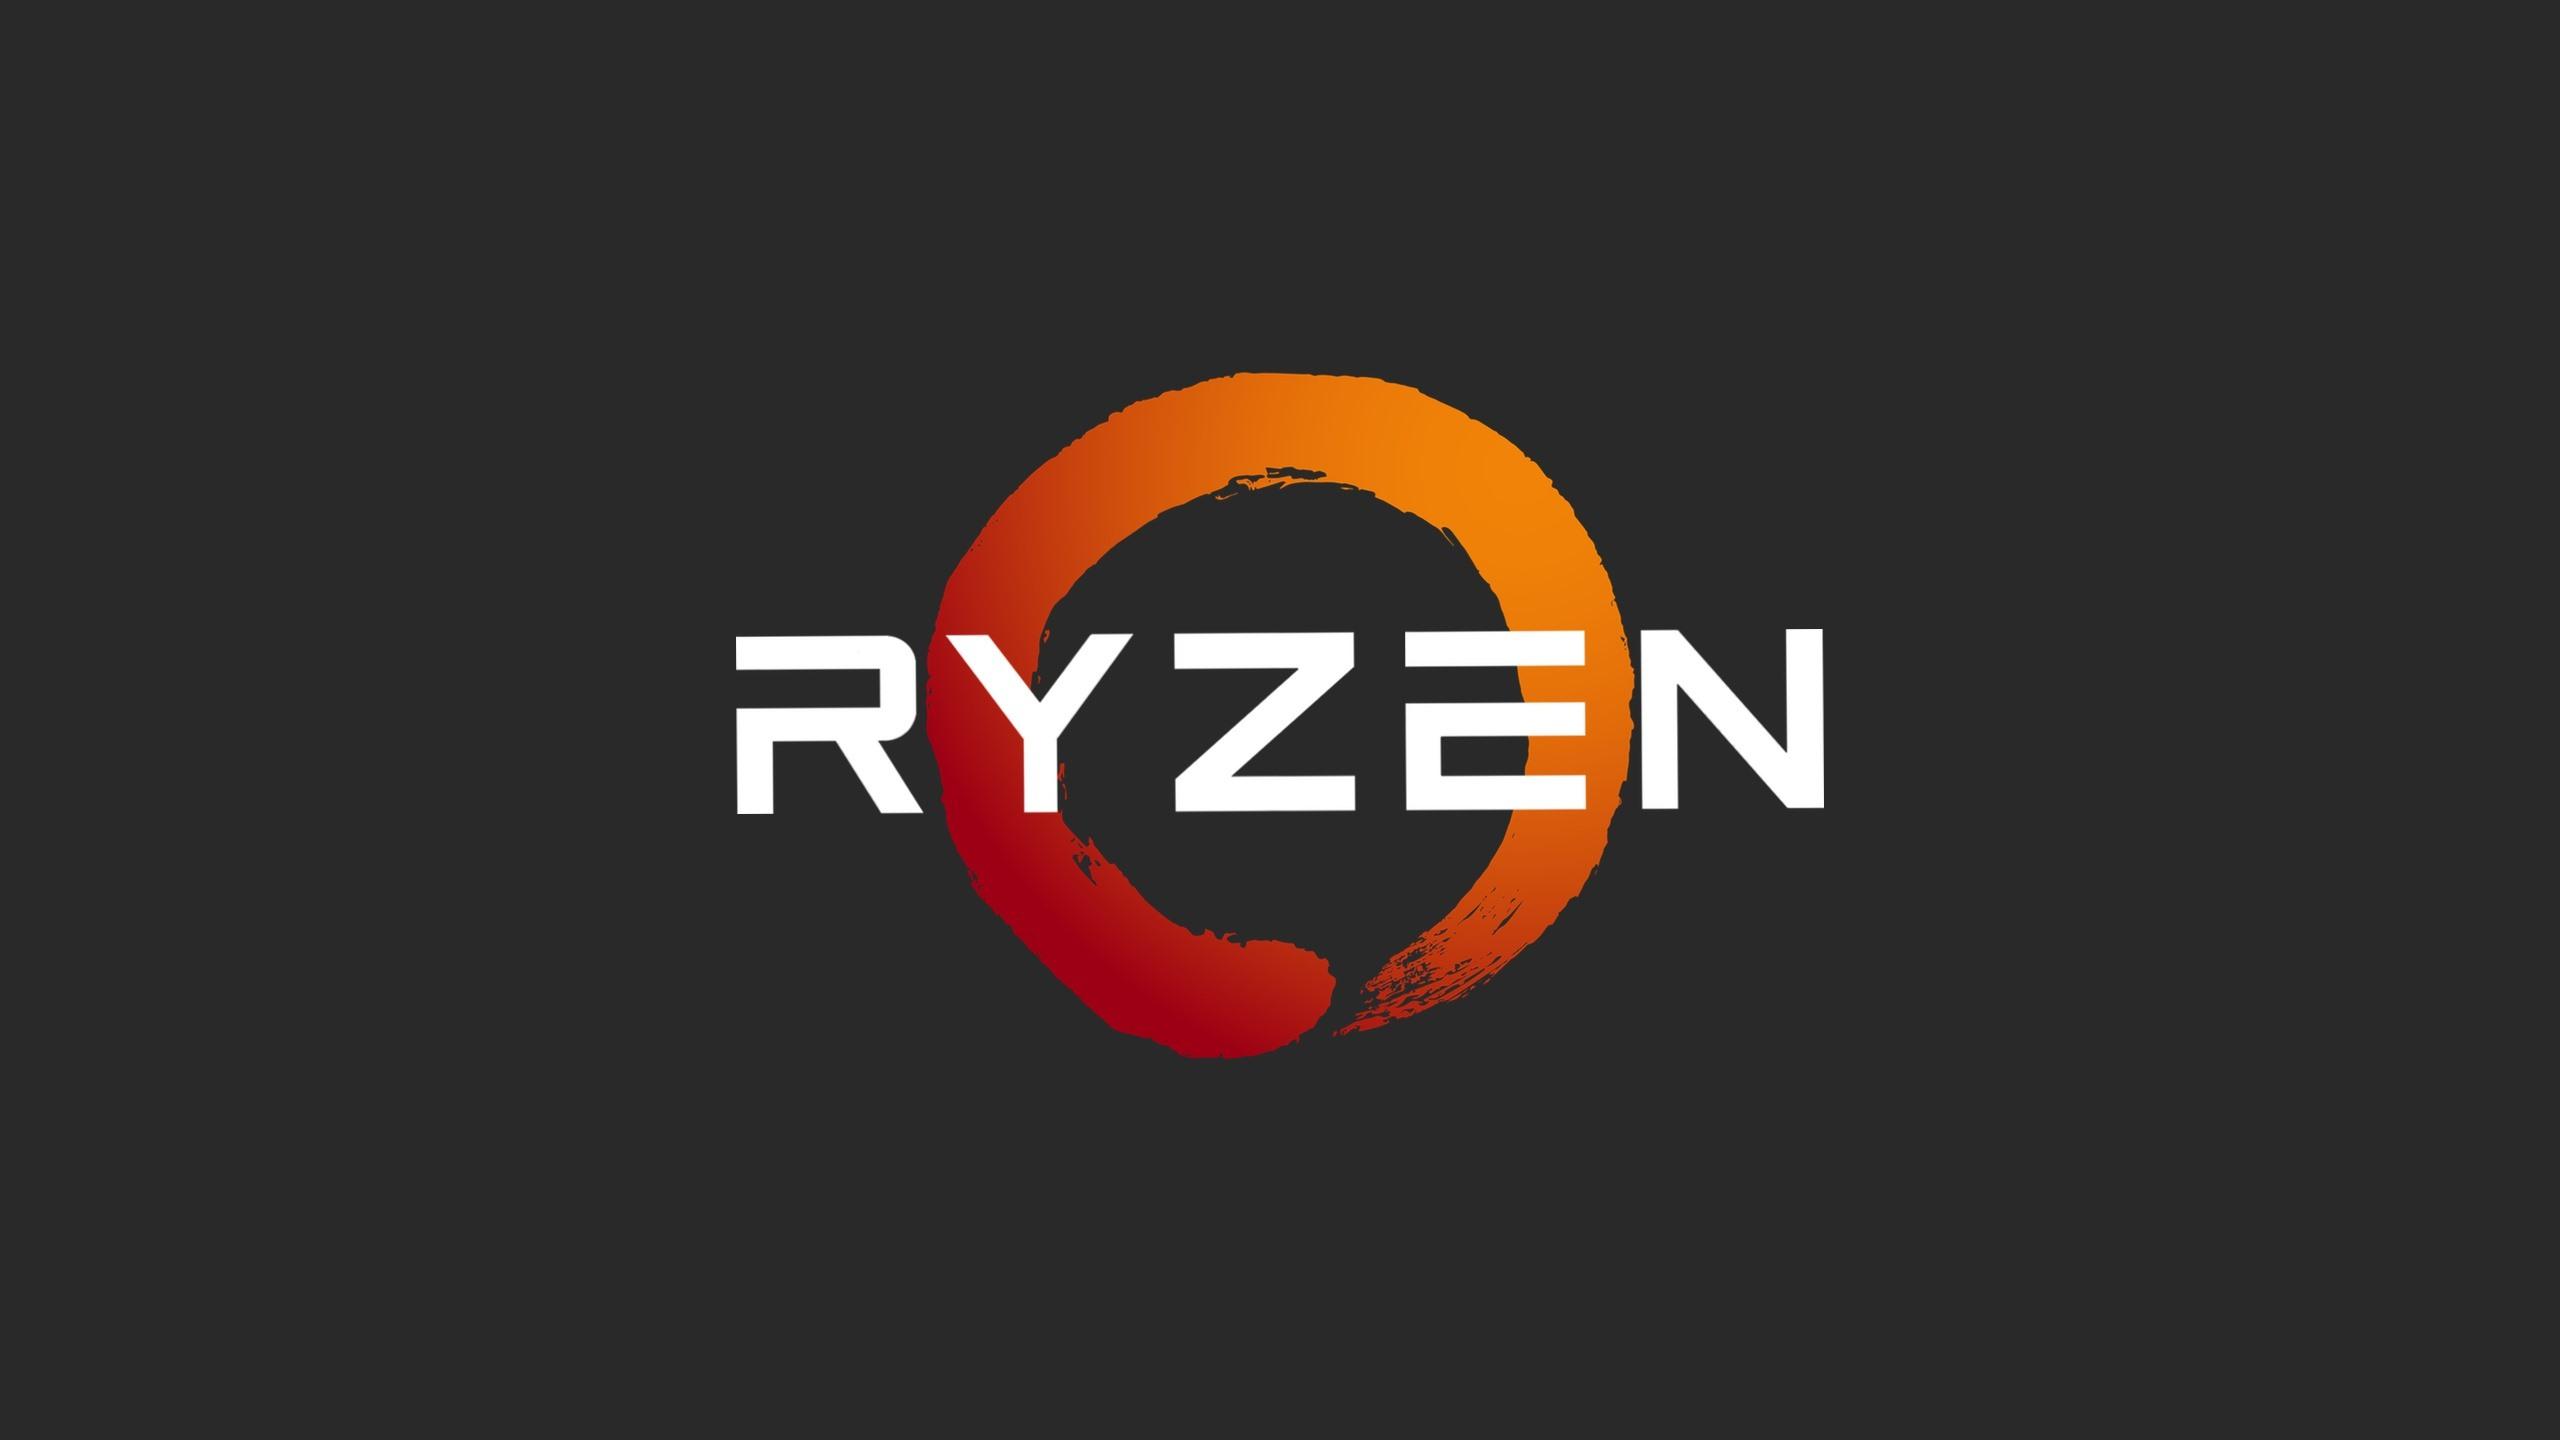 壁紙 Amd Ryzenプロセッサーのロゴ 2560x1440 Qhd 無料のデスクトップ